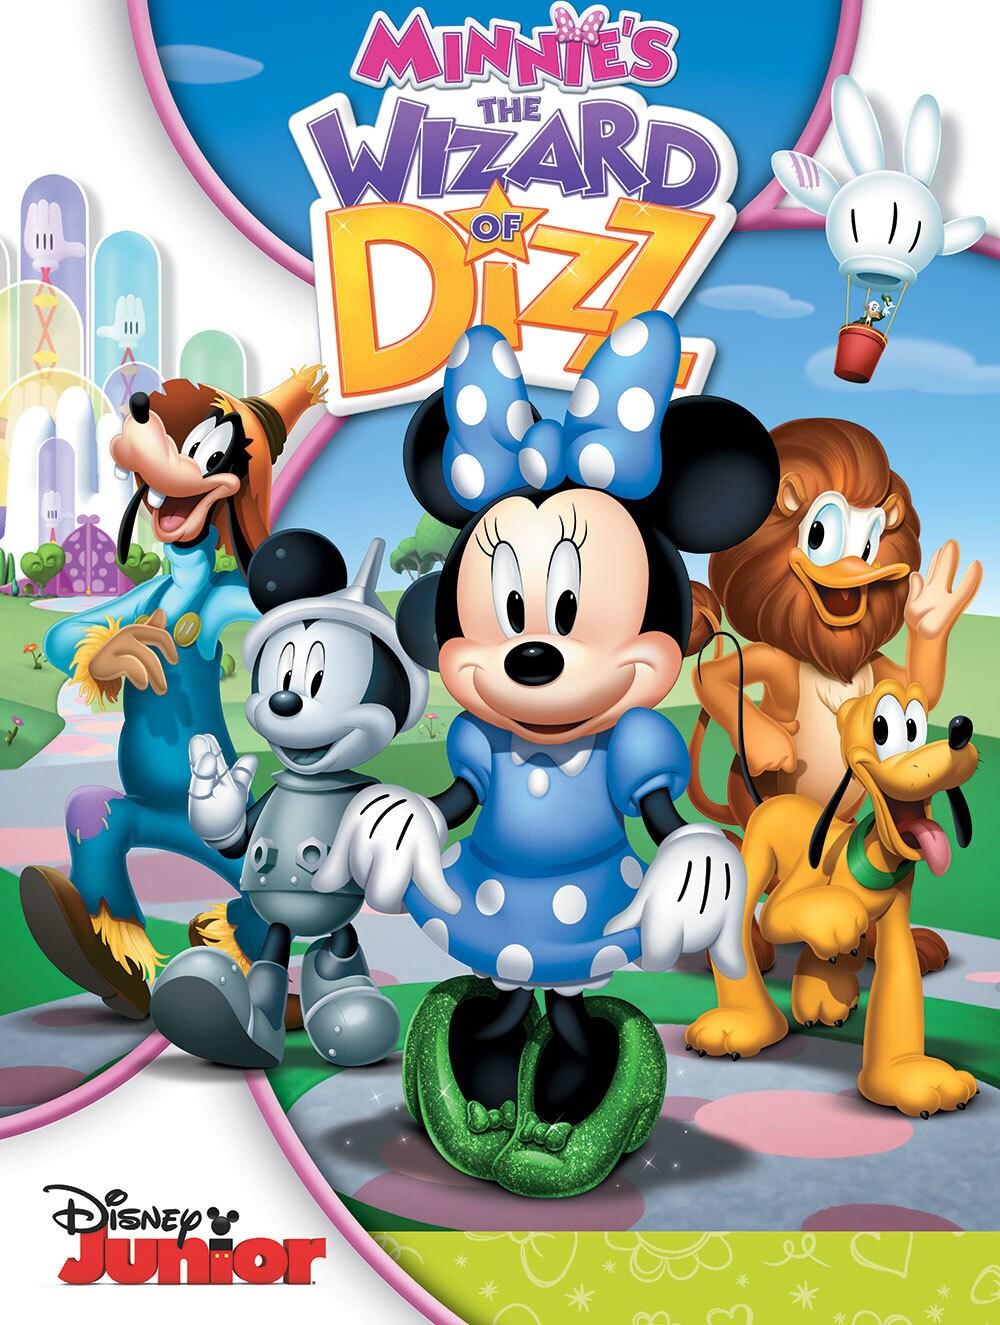 Minnie's The Wizard Of Dizz